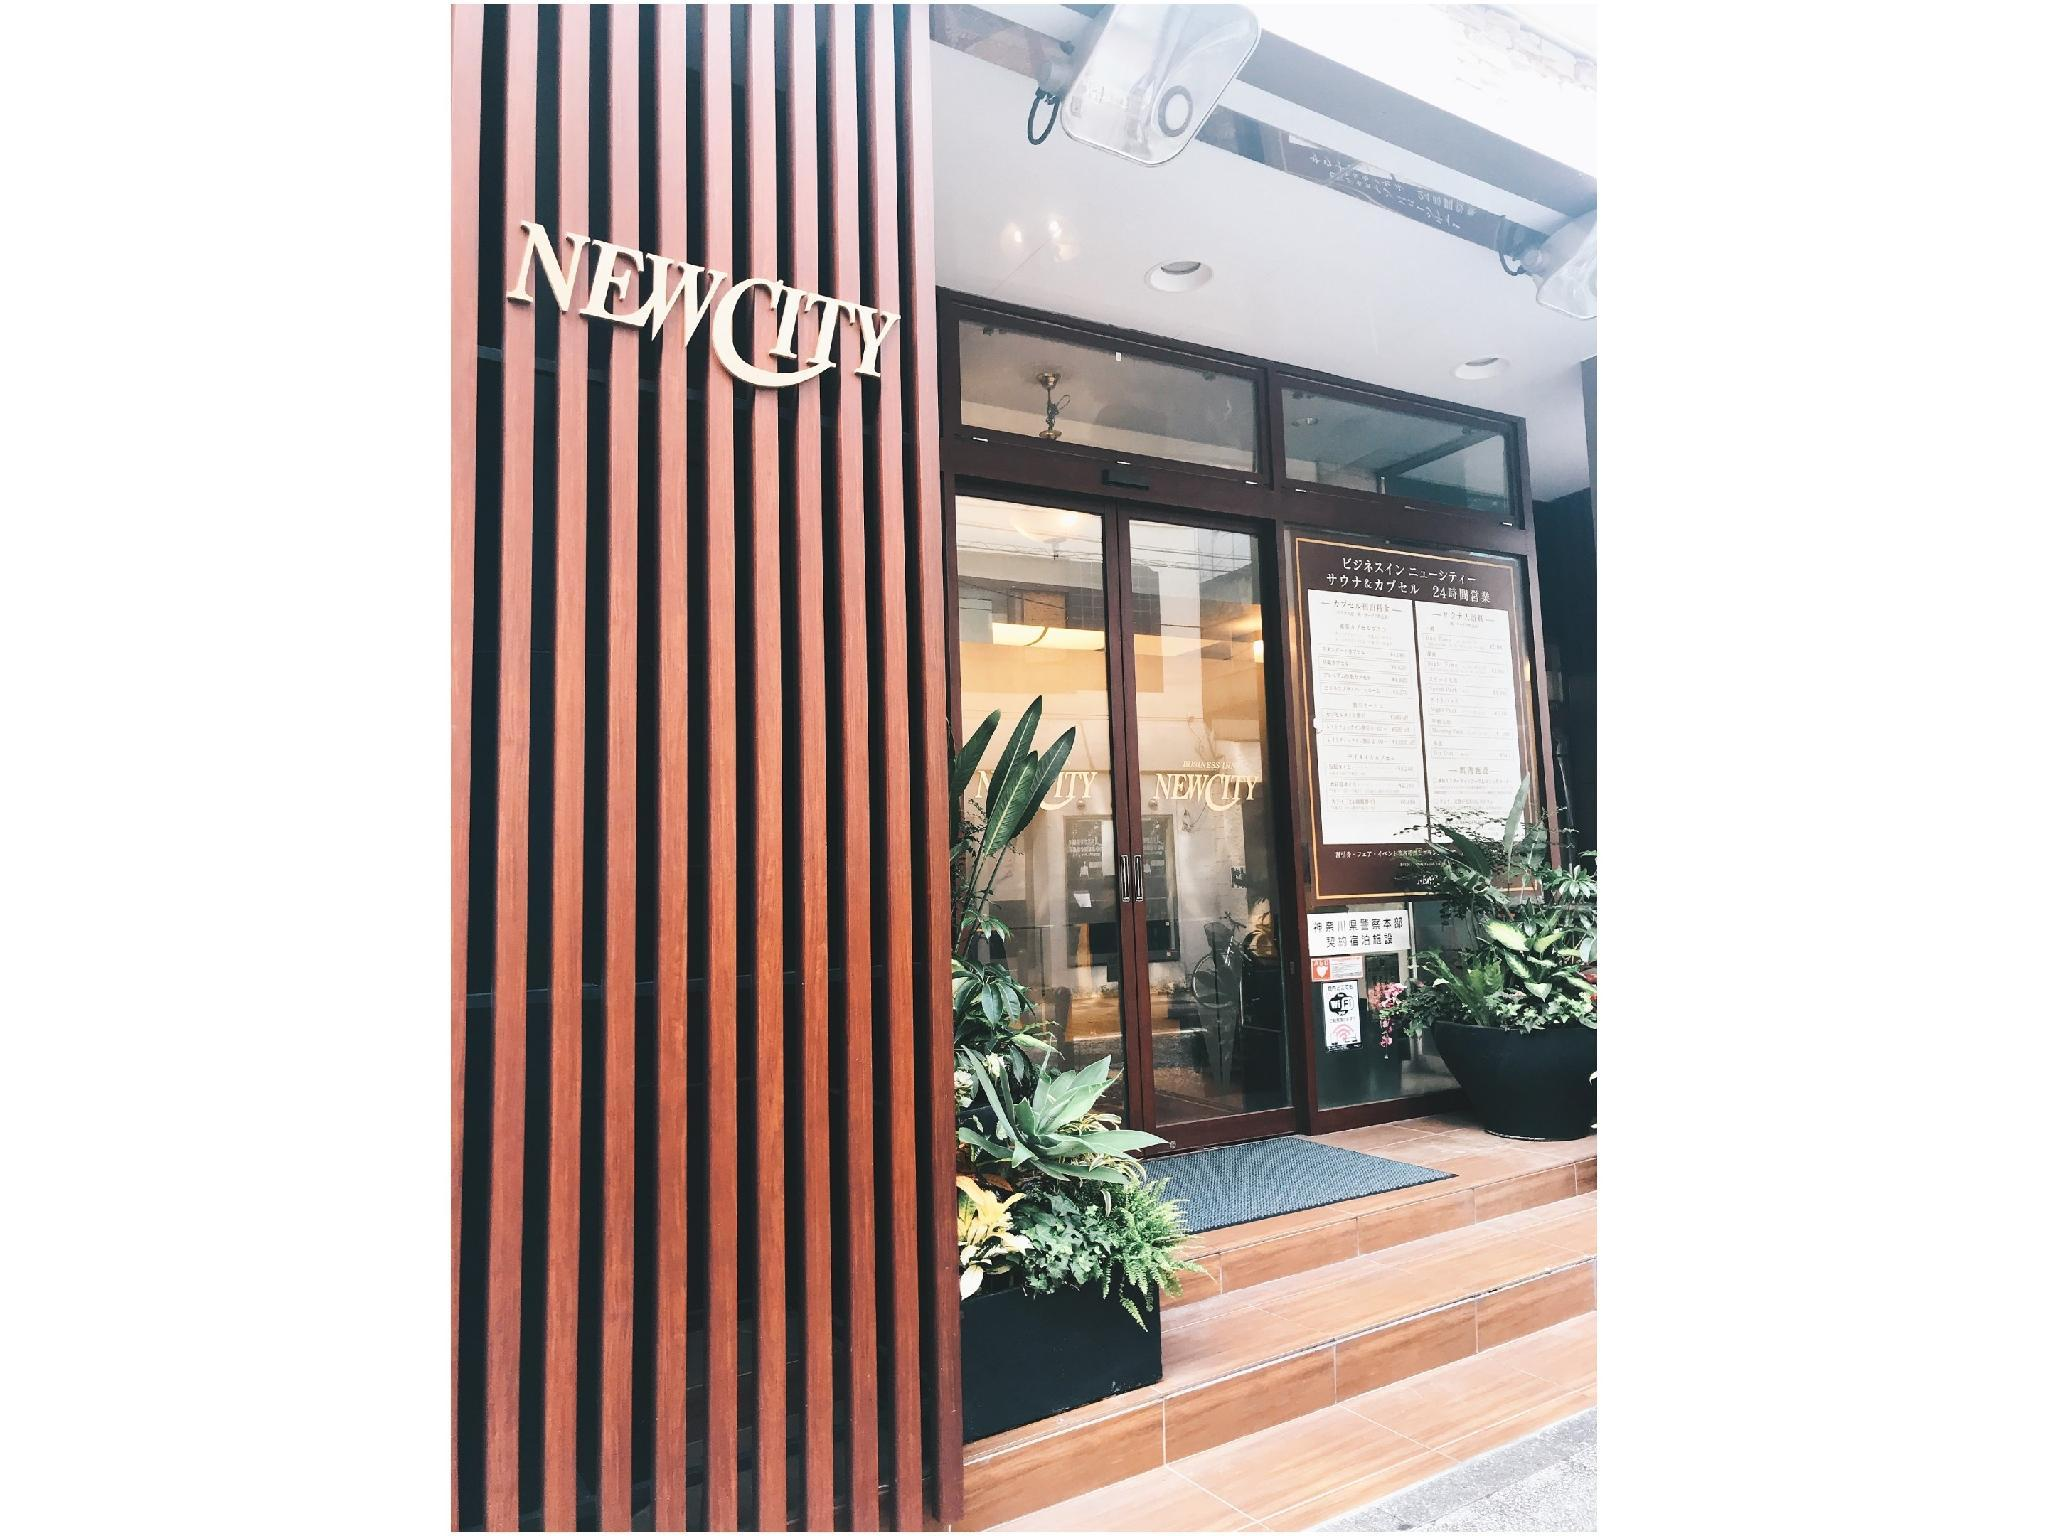 Business Inn New City